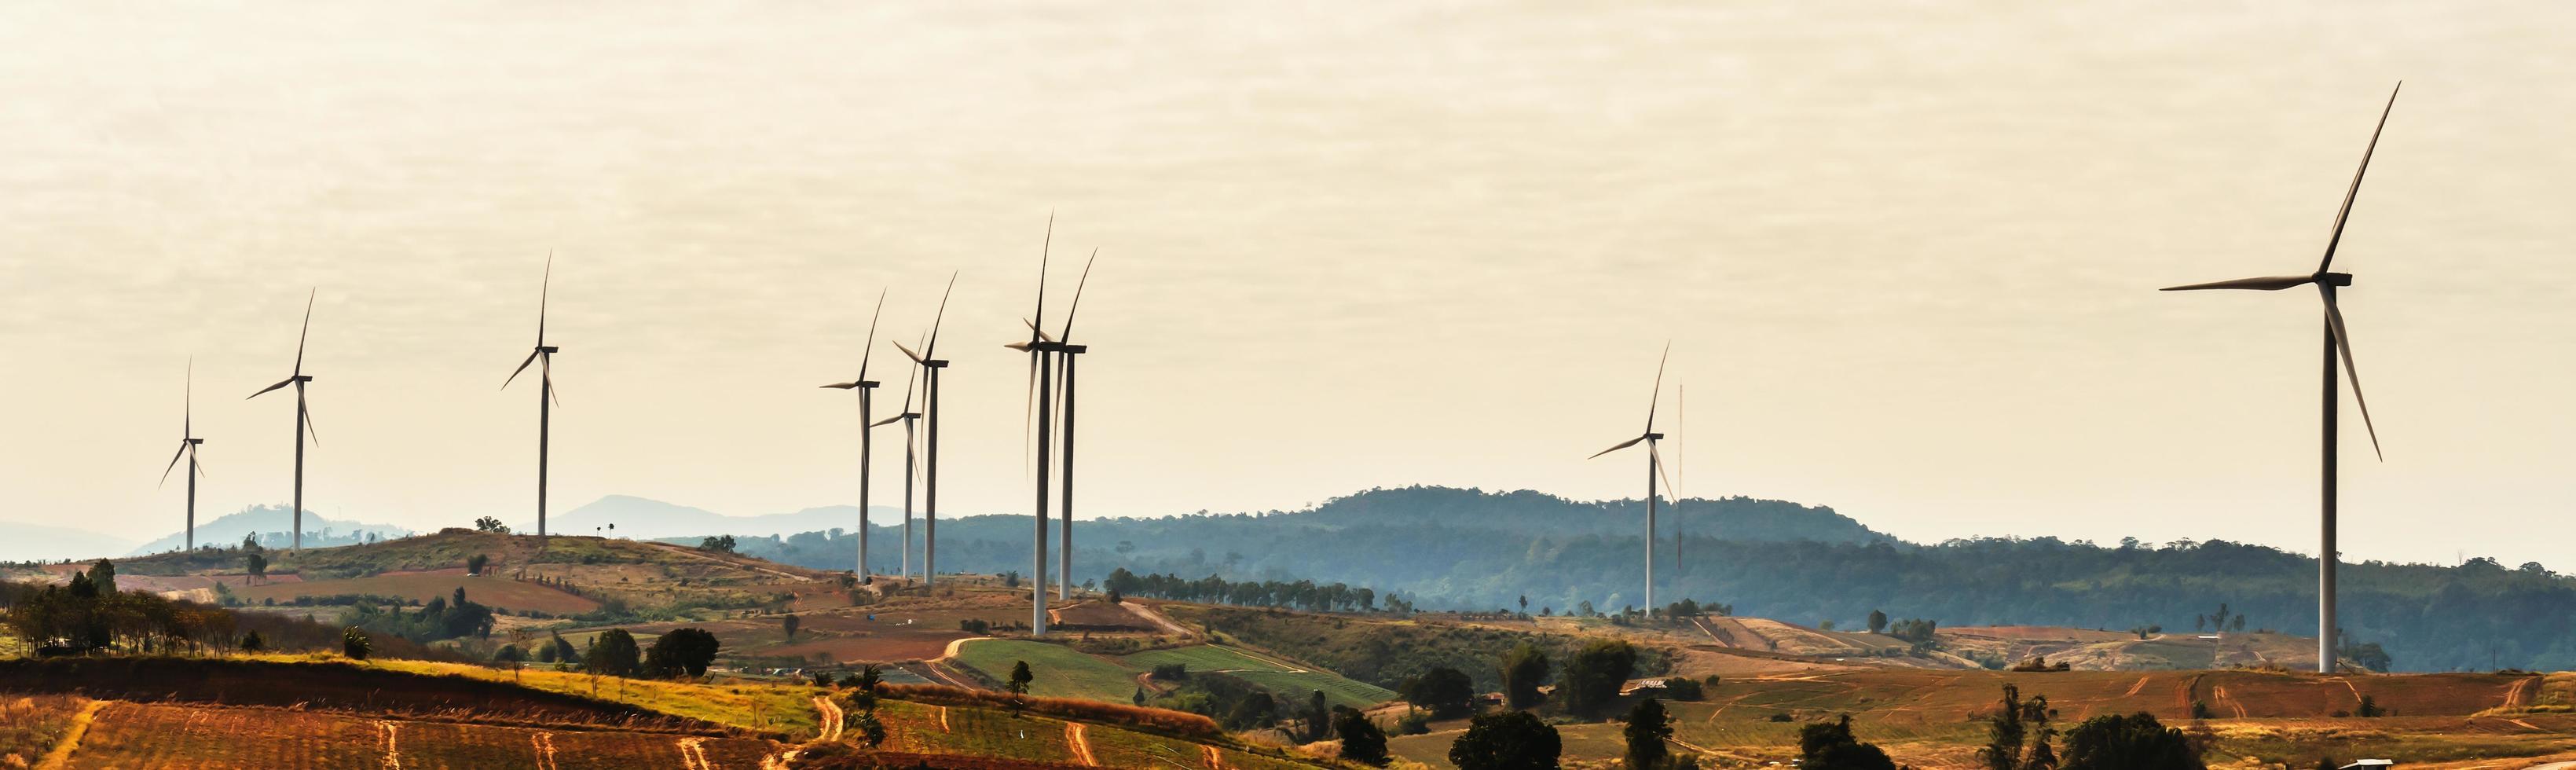 les éoliennes se déplacent par un après-midi ensoleillé photo